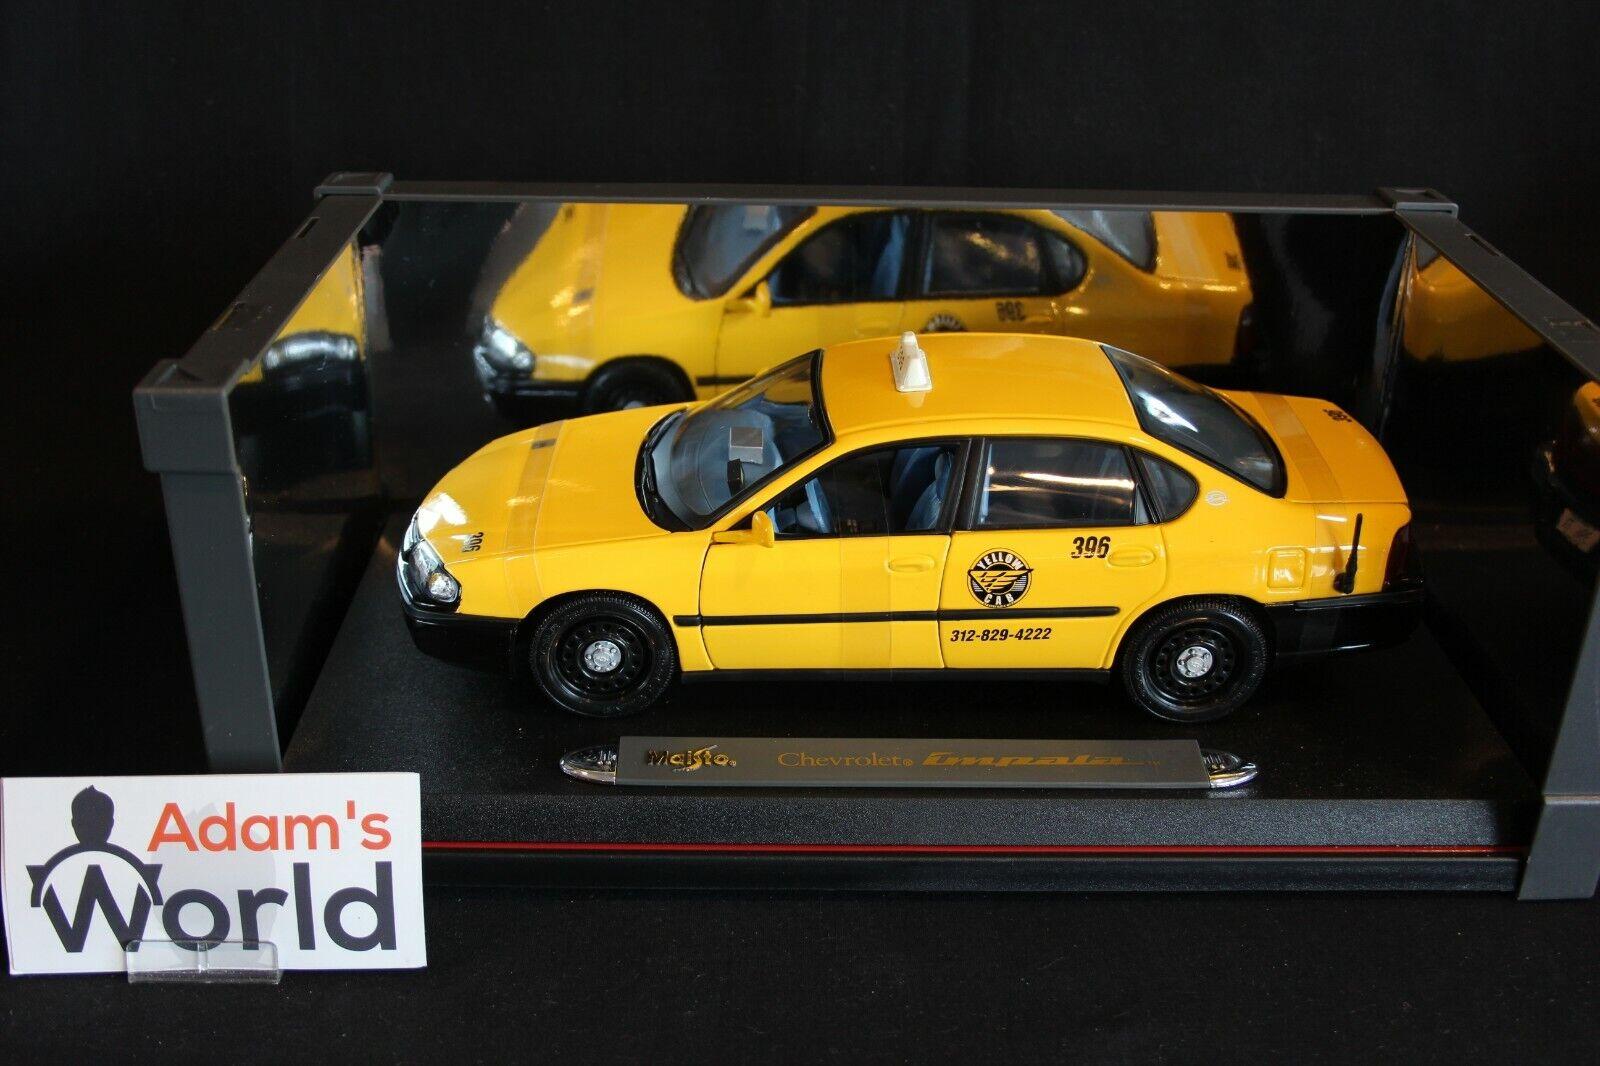 Maisto Chevrolet Impala 1 18 Taxi, yellow (JMR)